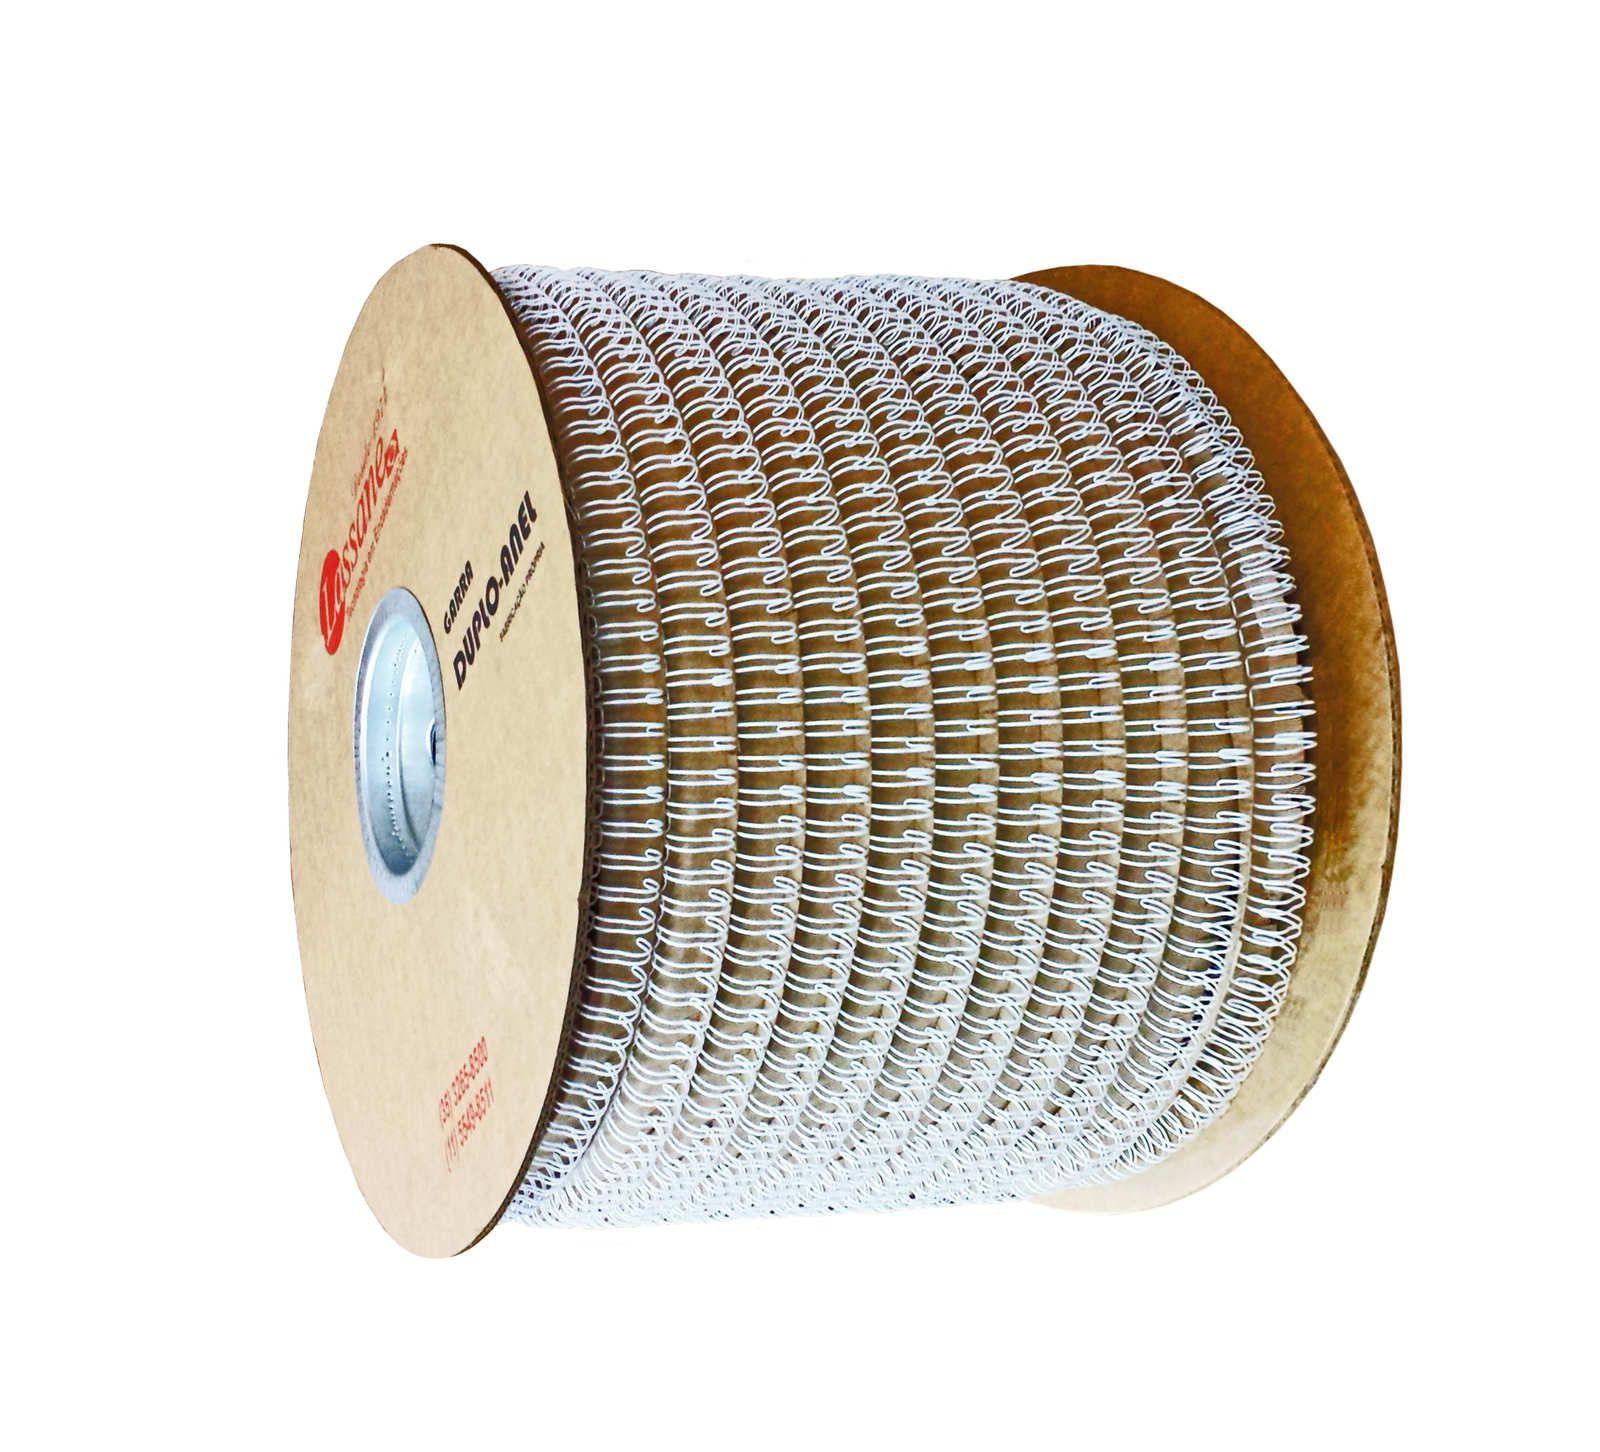 Bobina de Garras de Duplo Anel Wire-o 2x1 7/8 180 Folhas Cor Prata